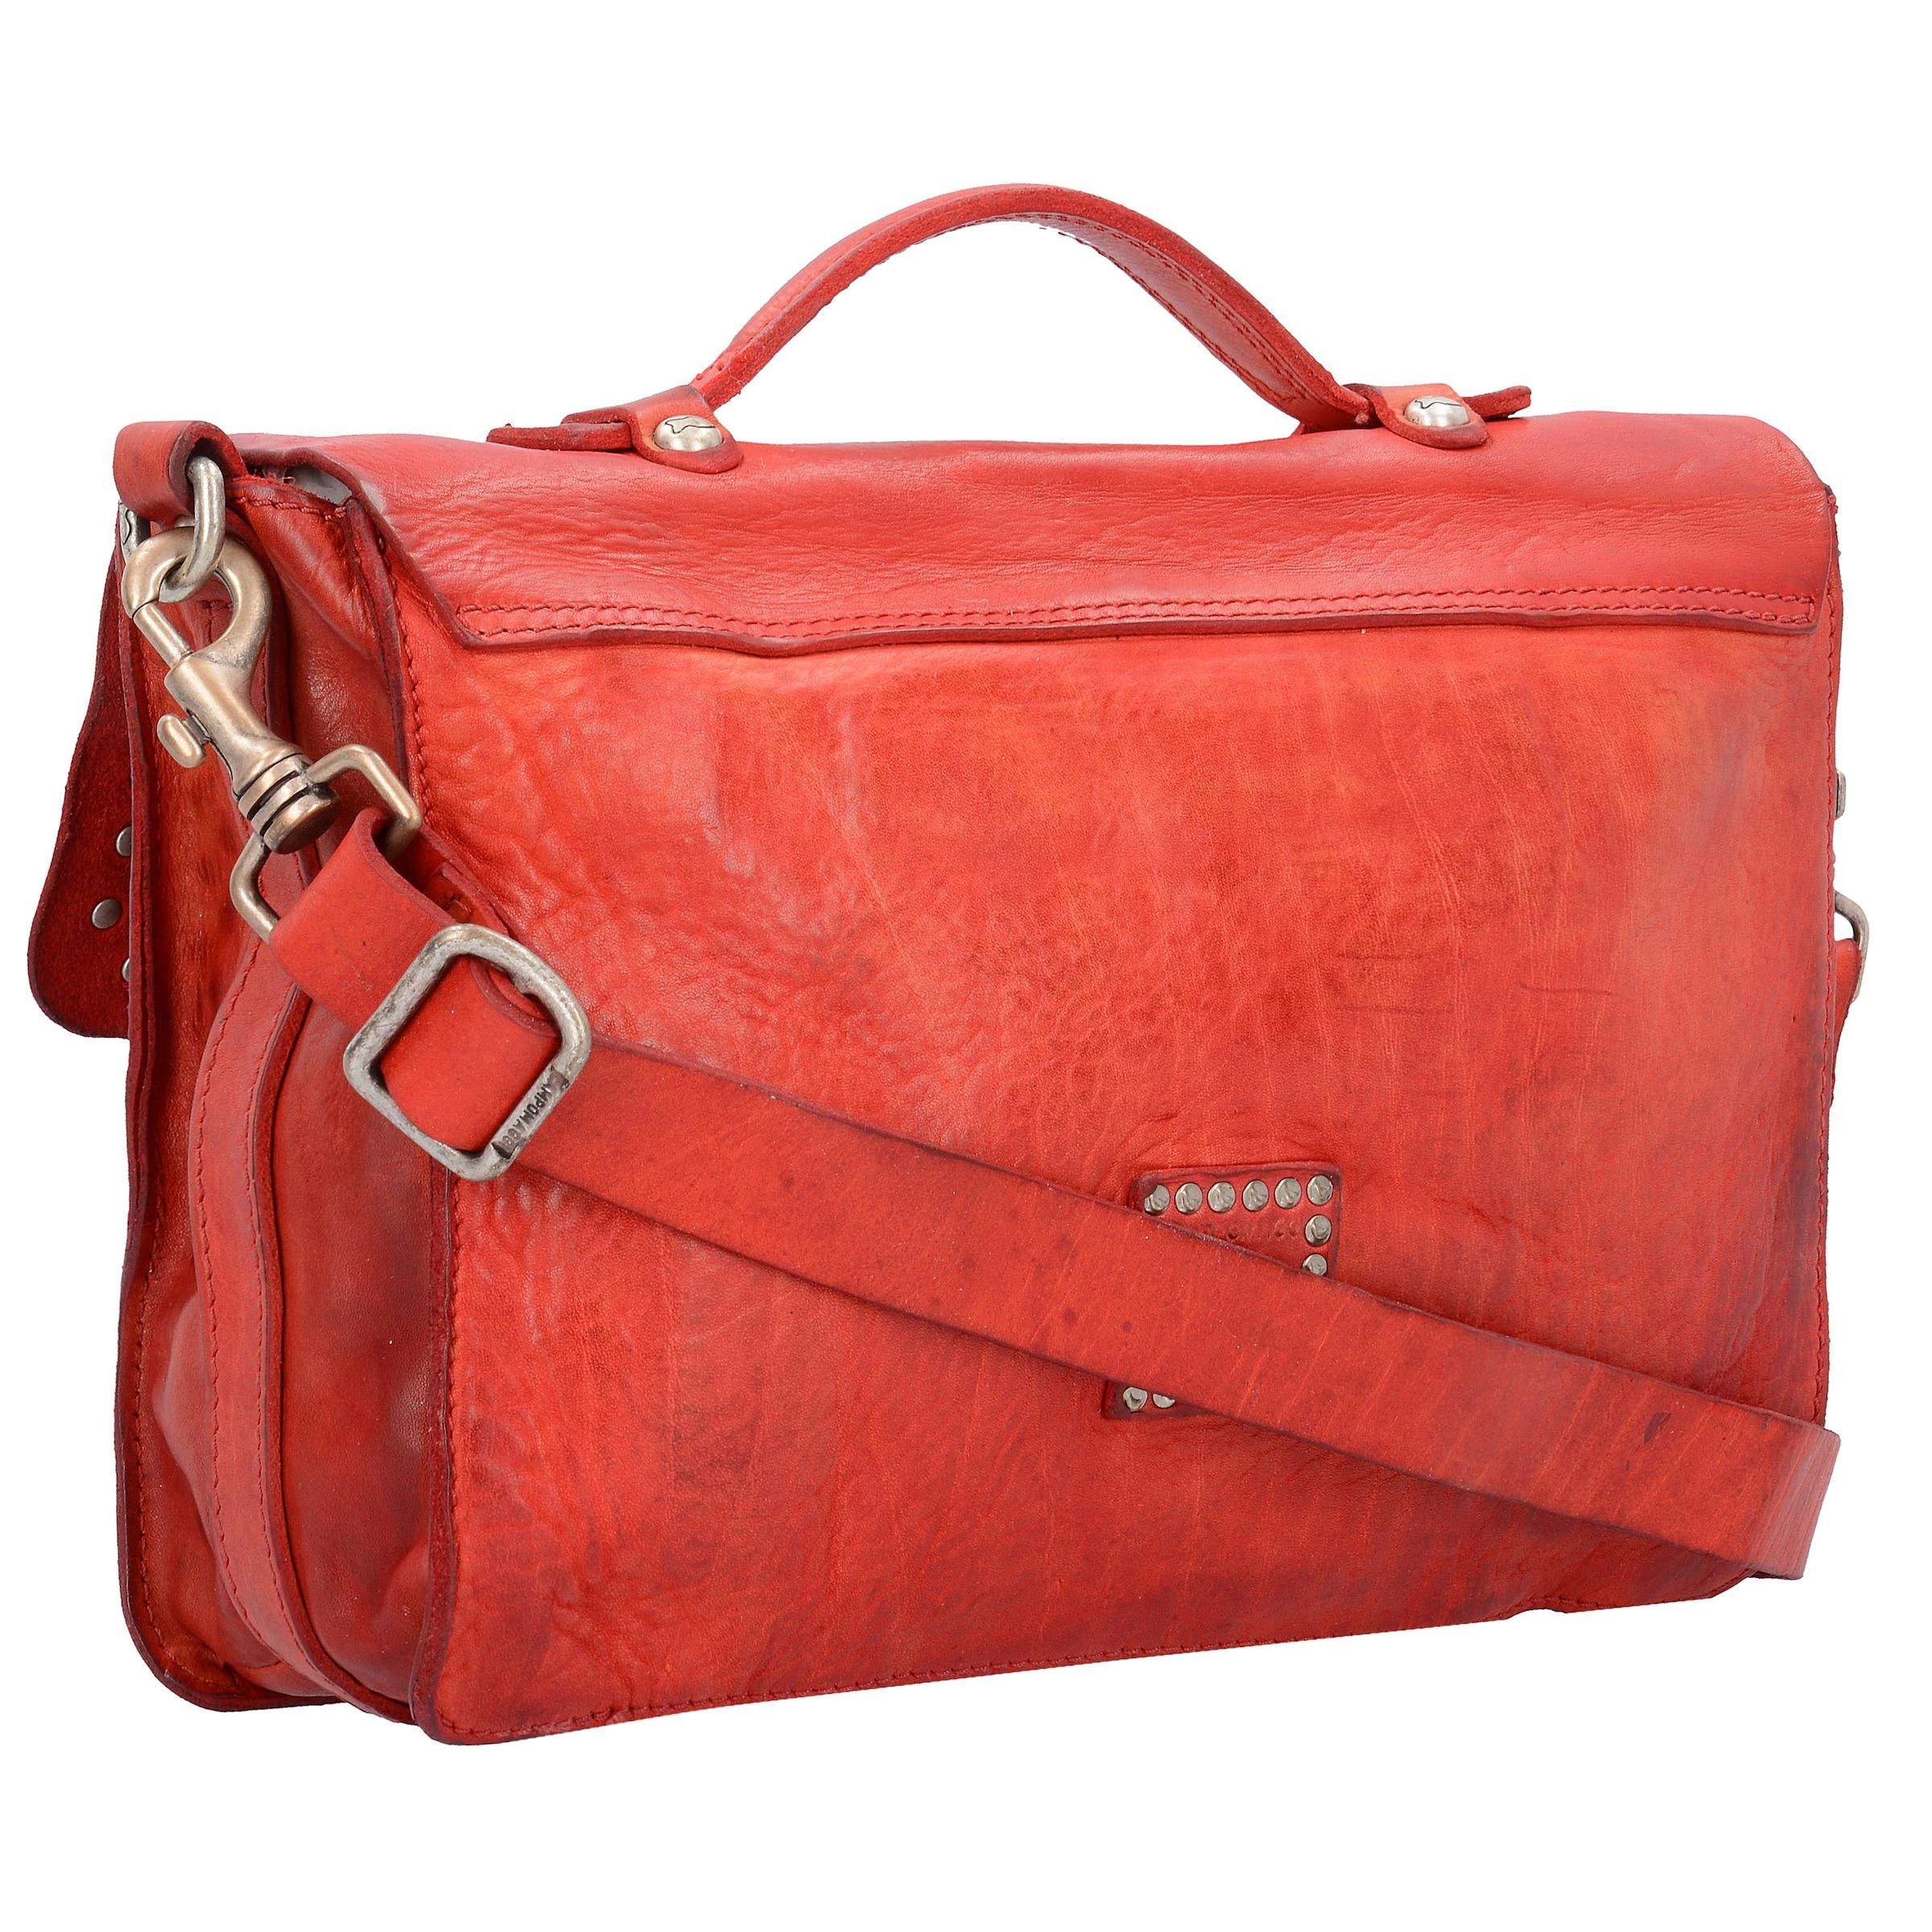 Ost Veröffentlichungstermine Campomaggi Traditional Lichene Messenger Umhängetasche Leder 30 cm Günstig Kaufen Zum Verkauf Kostenloser Versand Zu Kaufen Billige Usa Händler bMxSV